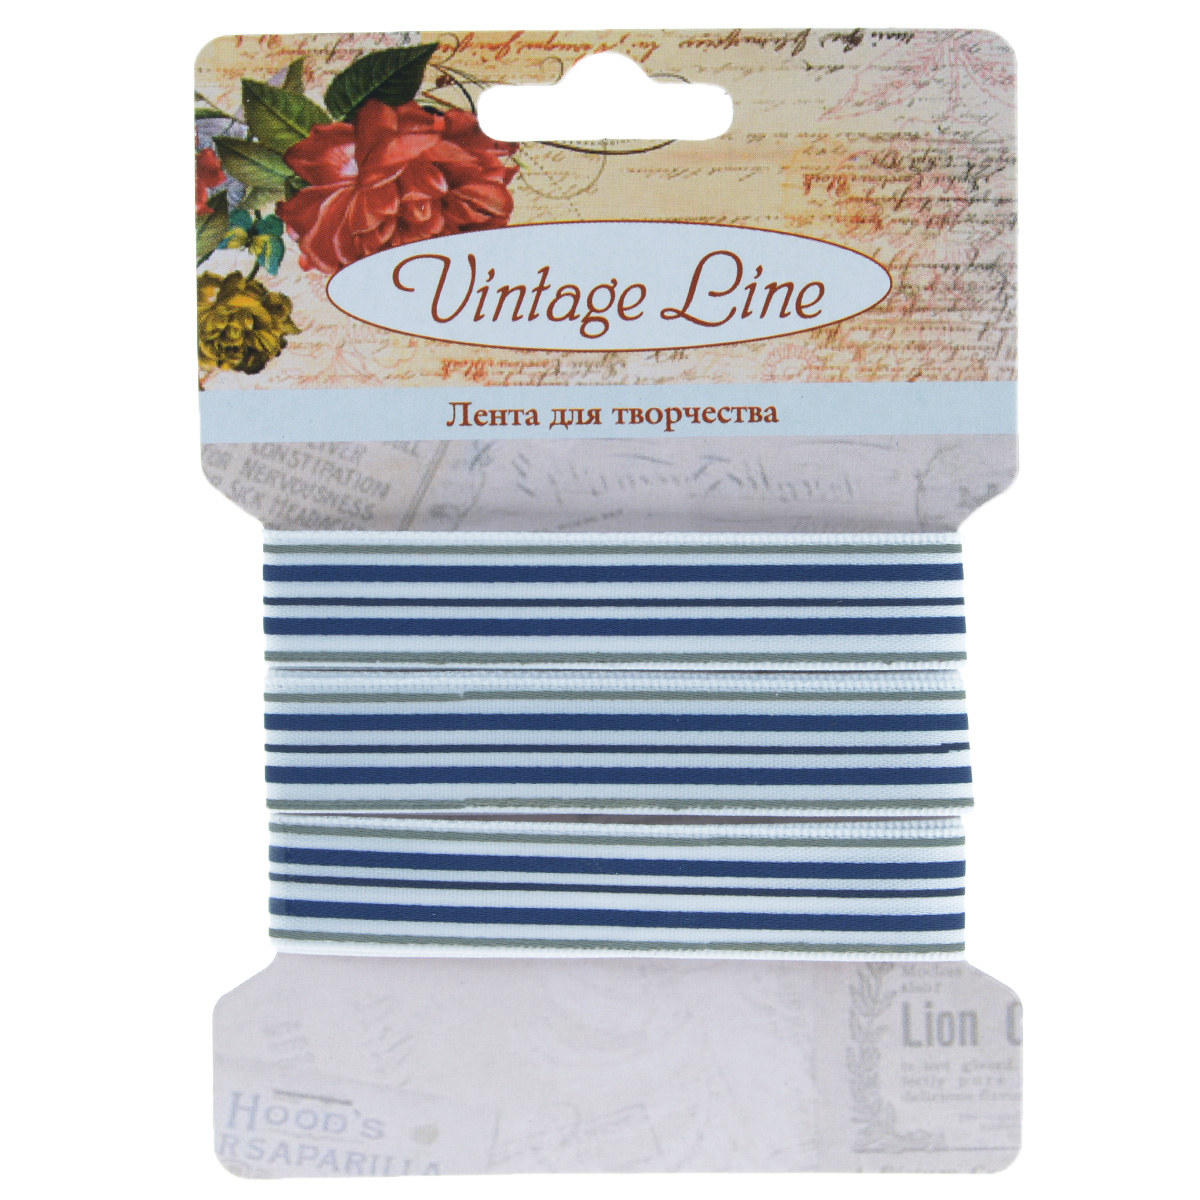 Лента декоративная Vintage Line, цвет: белый, синий, ширина 1,2 см, длина 1 м. 77093081212-SB Пакет ЛедиДекоративная лента Vintage Line выполнена из текстиля и оформленапринтом в полоску. Такая лента идеально подойдет для оформления различныхтворческих работ таких, как скрапбукинг, аппликация, декор коробок и открыток имногое другое. Лента наивысшего качества практична в использовании. Она станетнезаменимым элементом в создании рукотворного шедевра.Ширина: 1,2 см.Длина: 1 м.